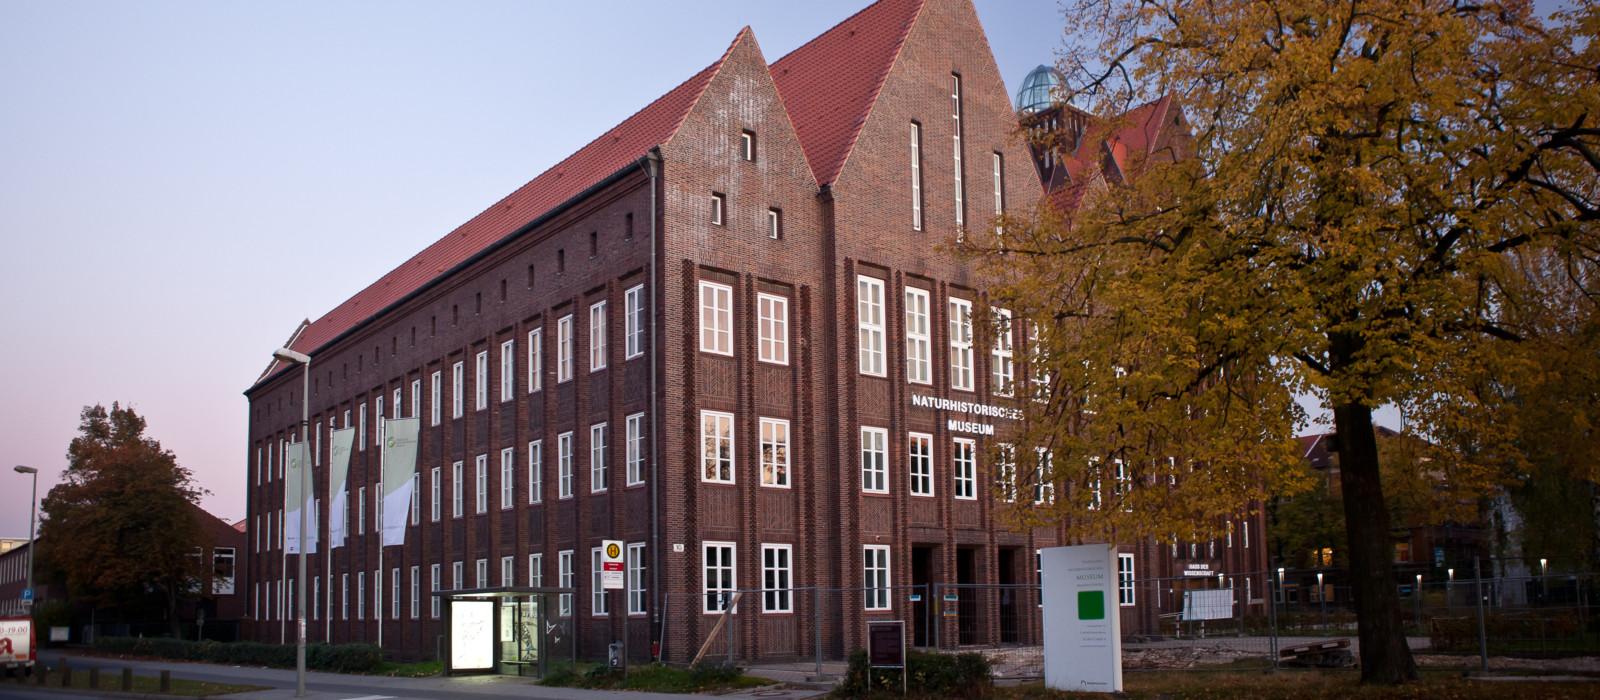 Außenansicht Naturhistorisches Museum Braunschweig